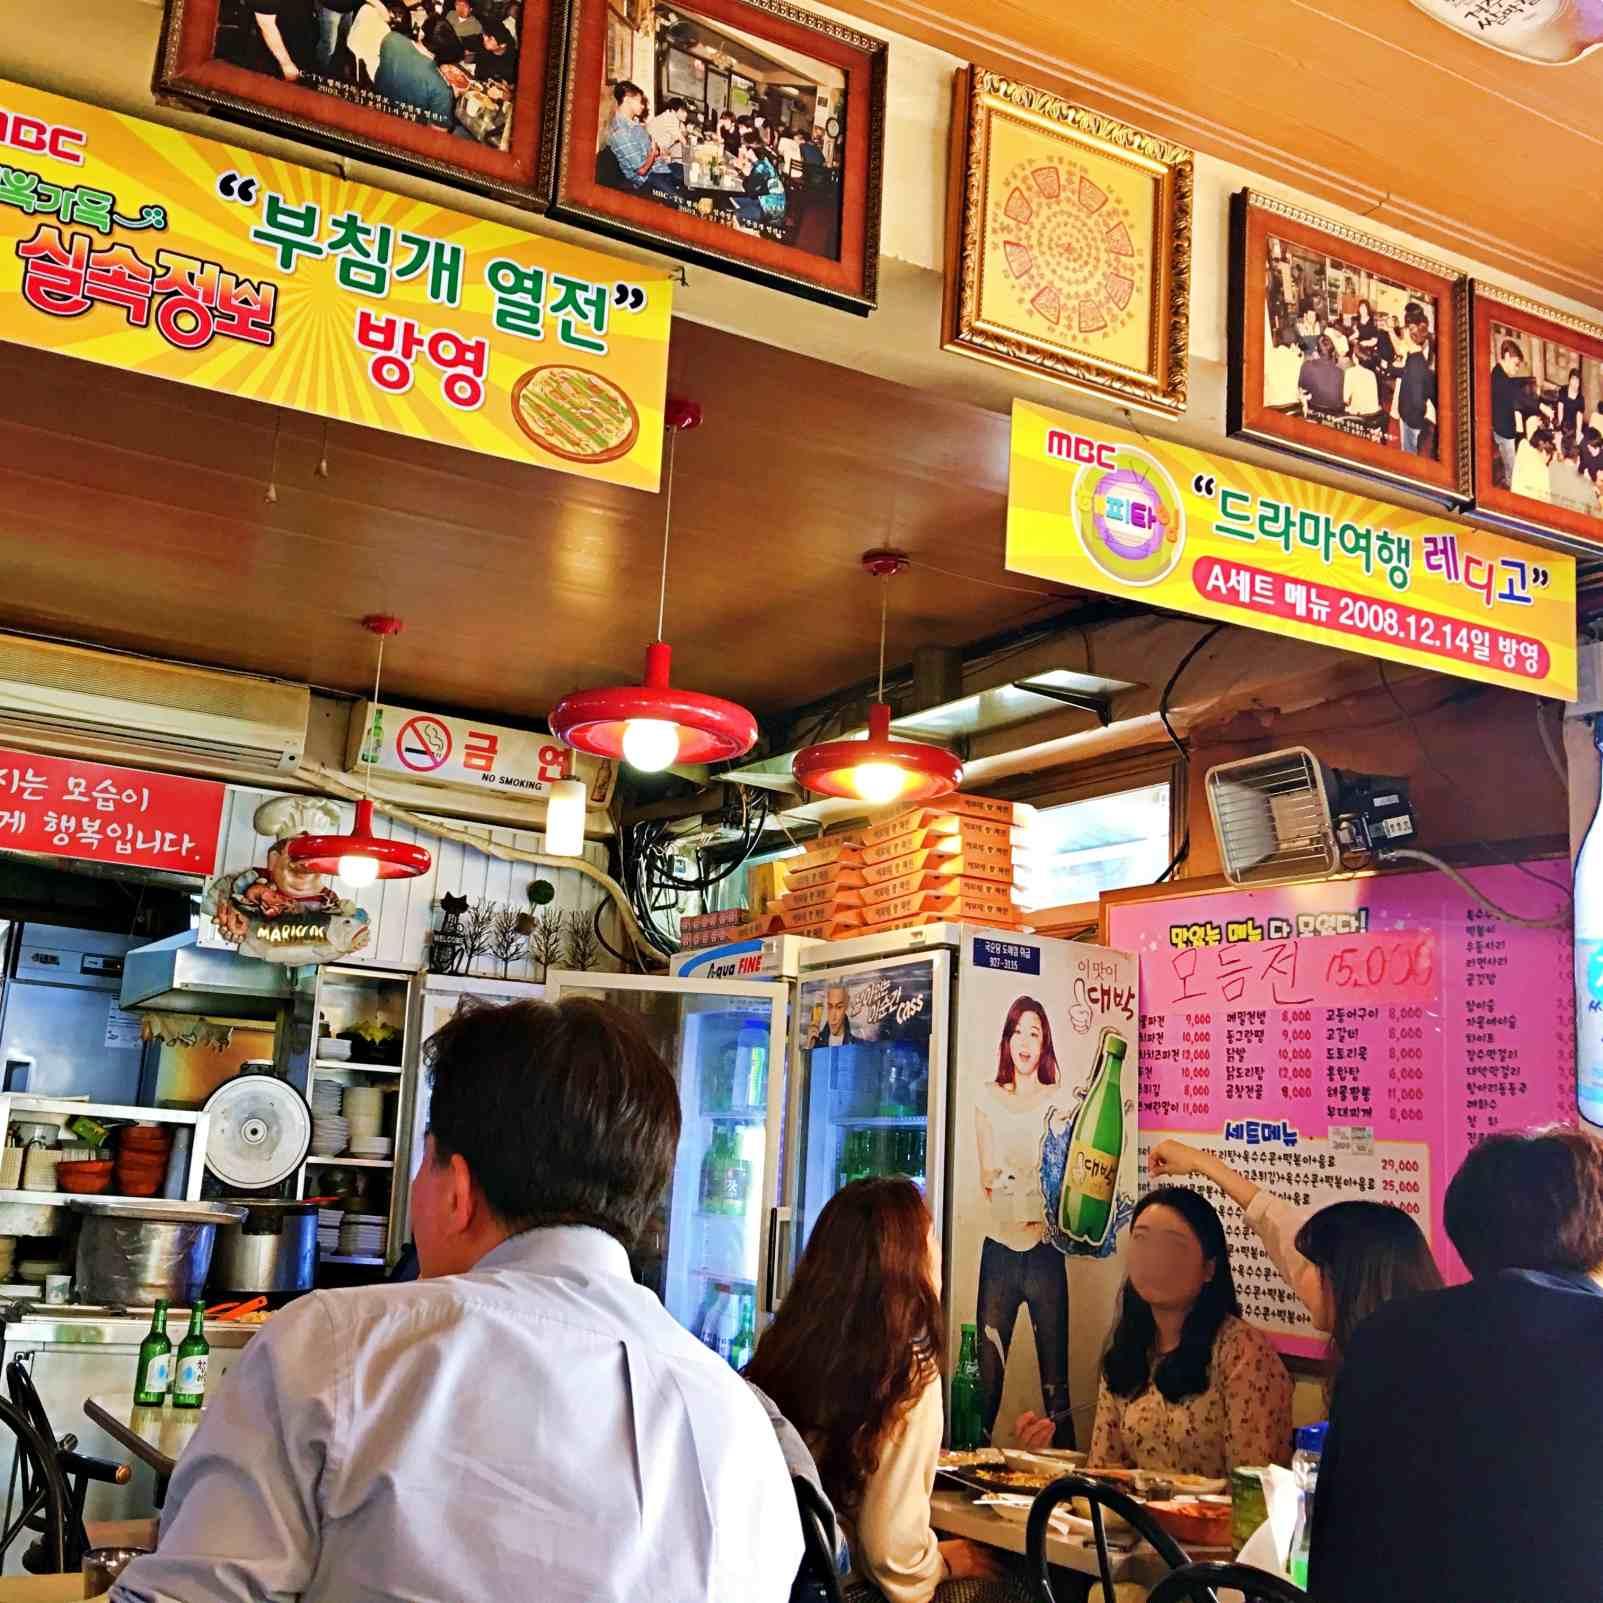 這家店歷史悠久,牆上掛滿了開店初期的照片及MBC採訪的布條。